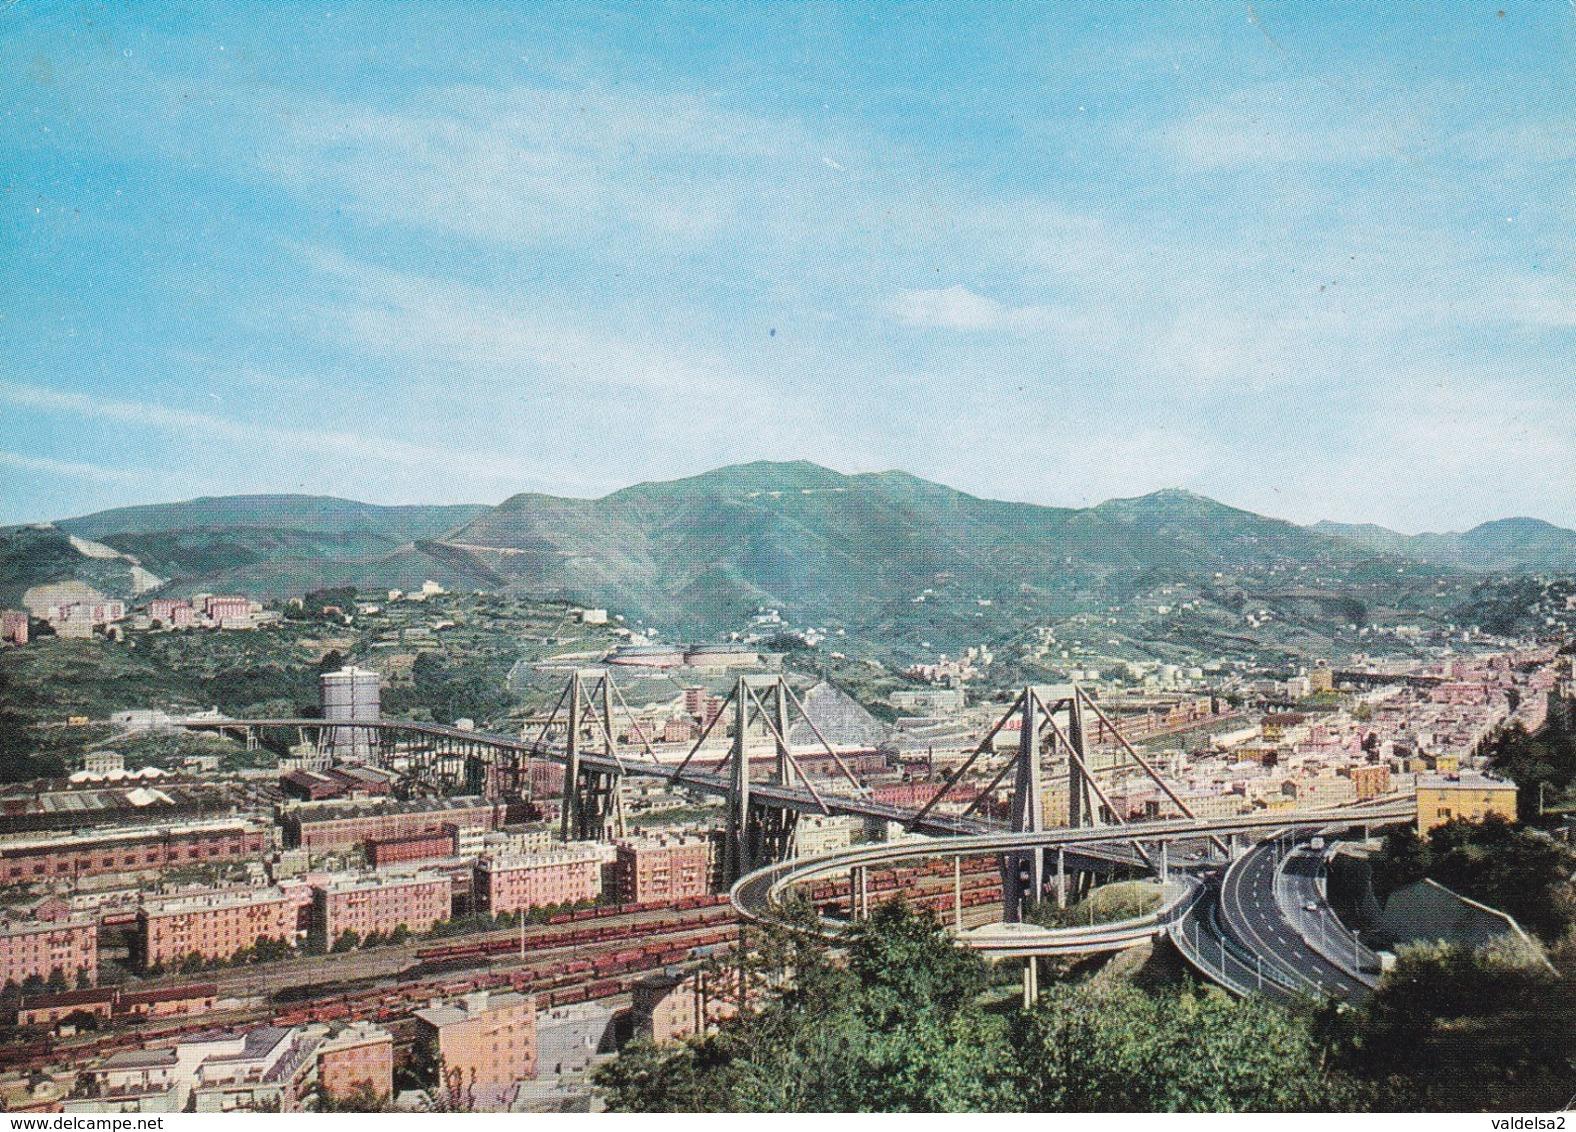 GENOVA - VIADOTTO SUL POLCEVERA - PONTE MORANDI - LUNGHEZZA MT. 1102 - CAMPATA MAGGIORE MT.208 - AUTOSTRADA - Genova (Genoa)